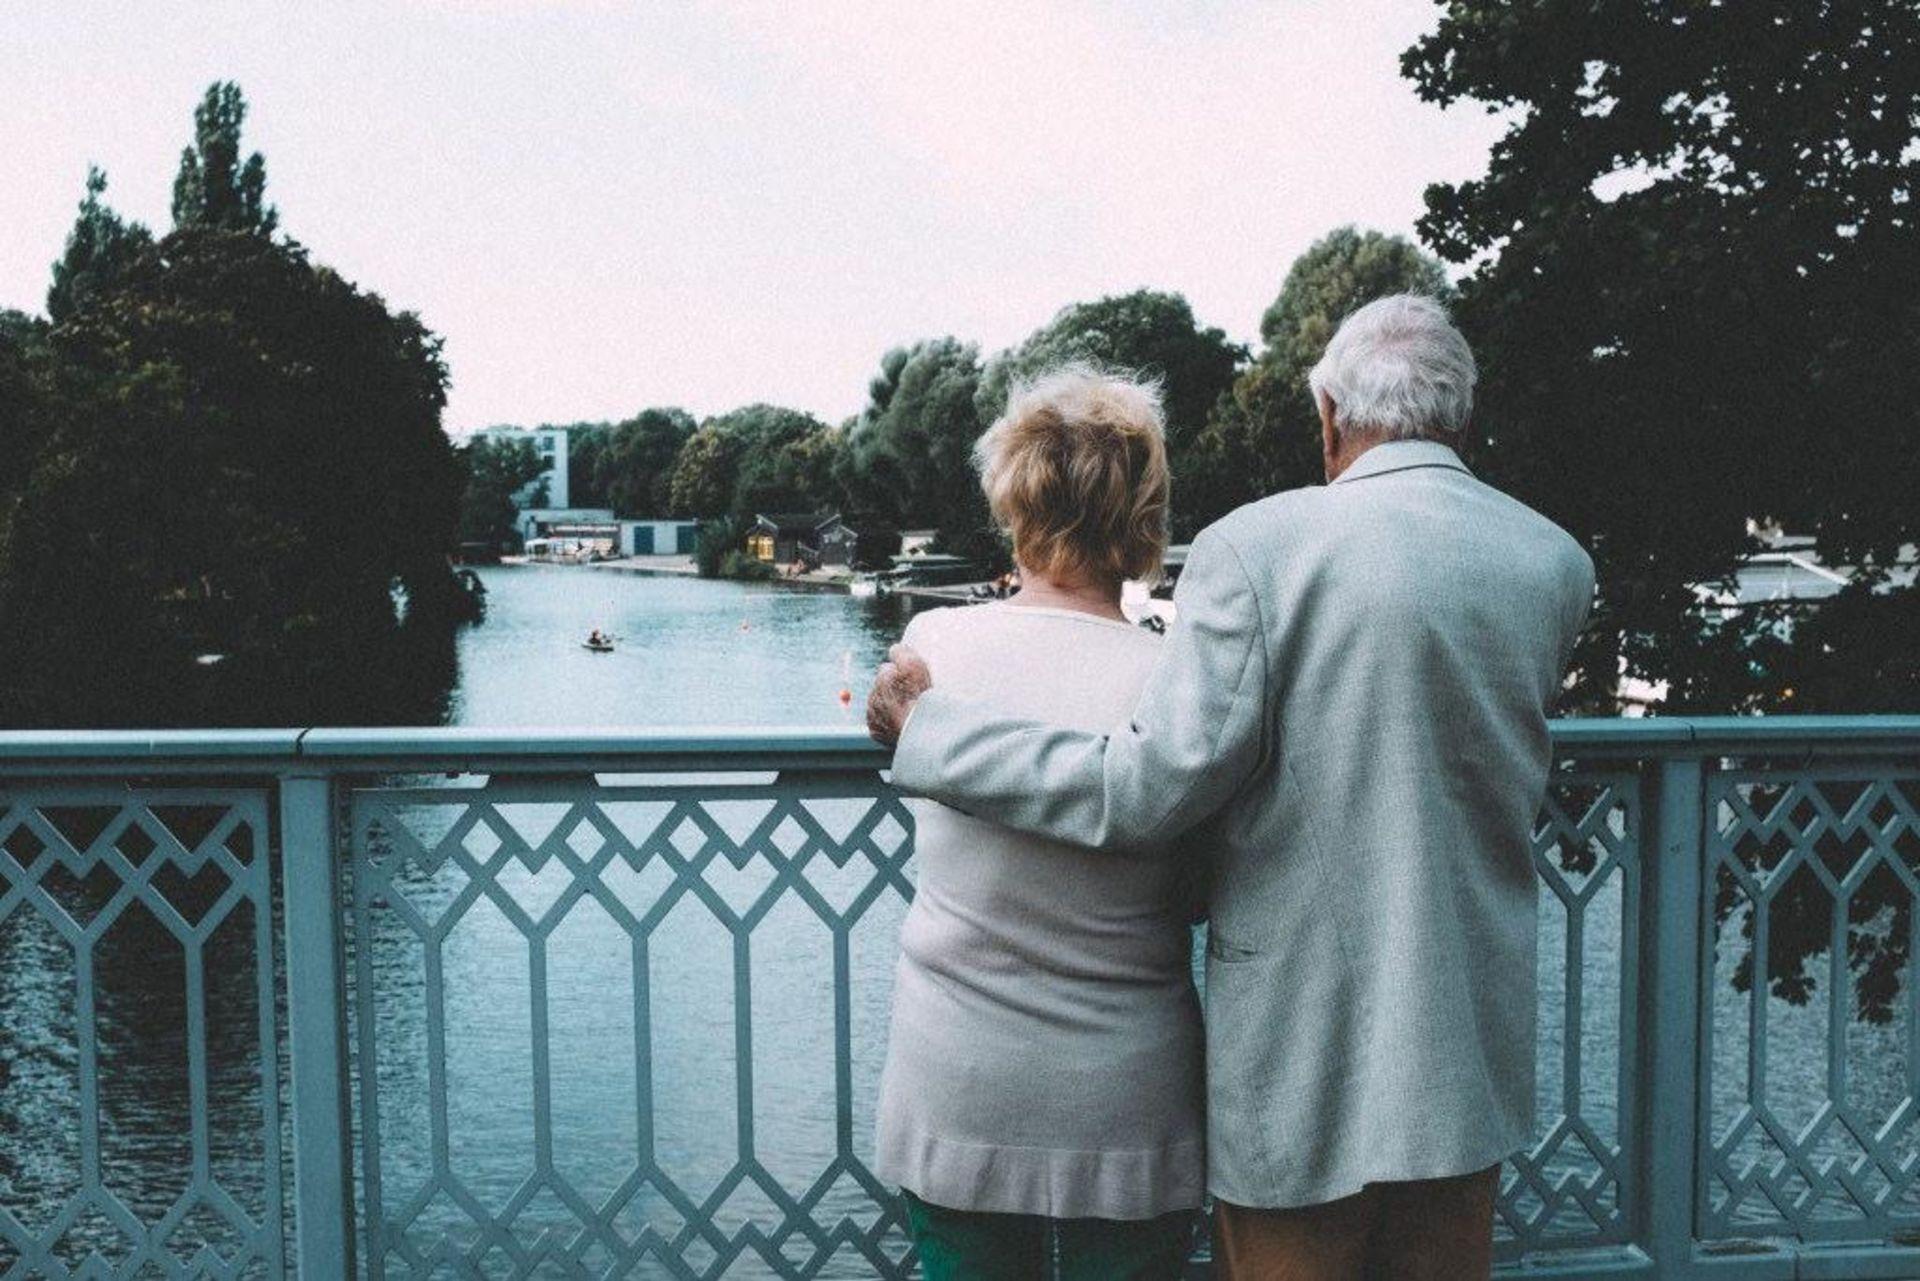 Making Downsizing Easier for Senior Parents